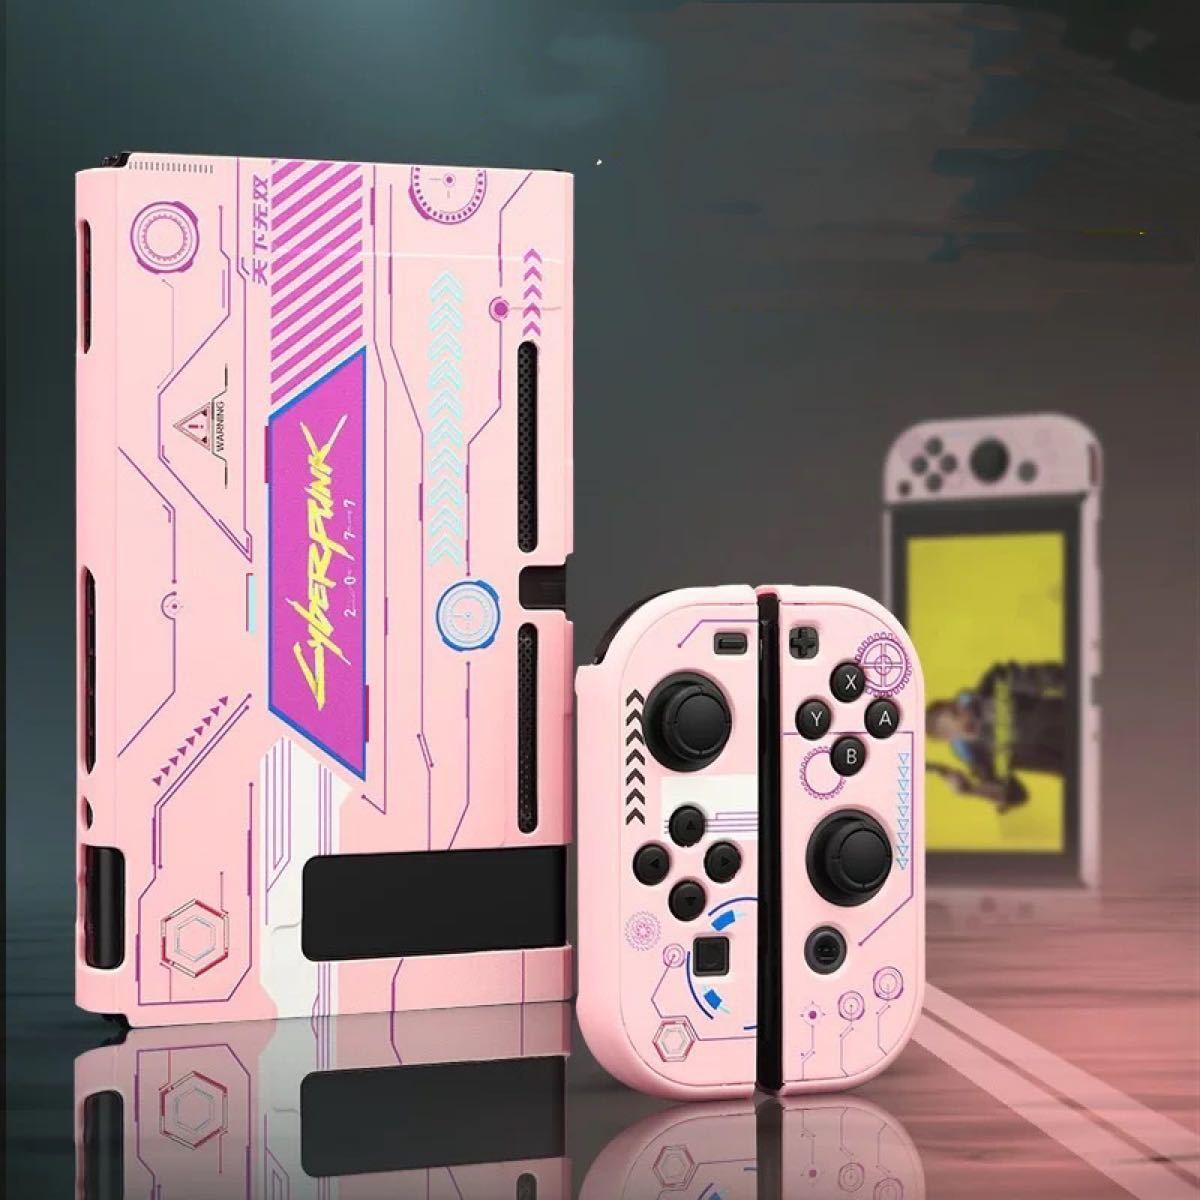 任天堂switch保護ハードカバー ニンテンドースイッチ分体式ケース ジョイコンカバー